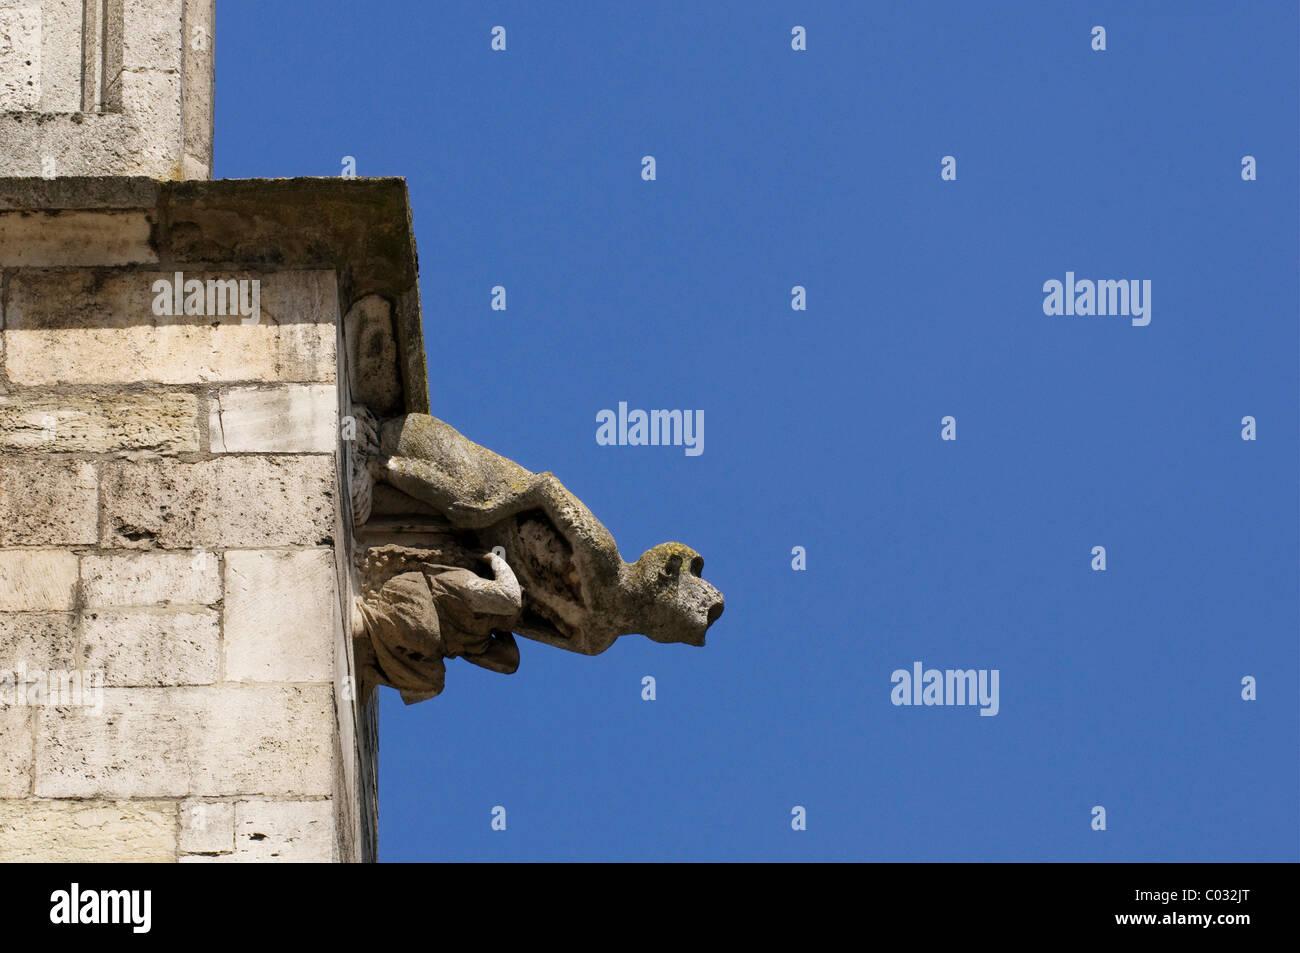 Wasserspeier, Monkey, Skulptur an der Fassade des Regensburger Dom, Regensburg, Oberpfalz, Bayern, Deutschland, Stockbild